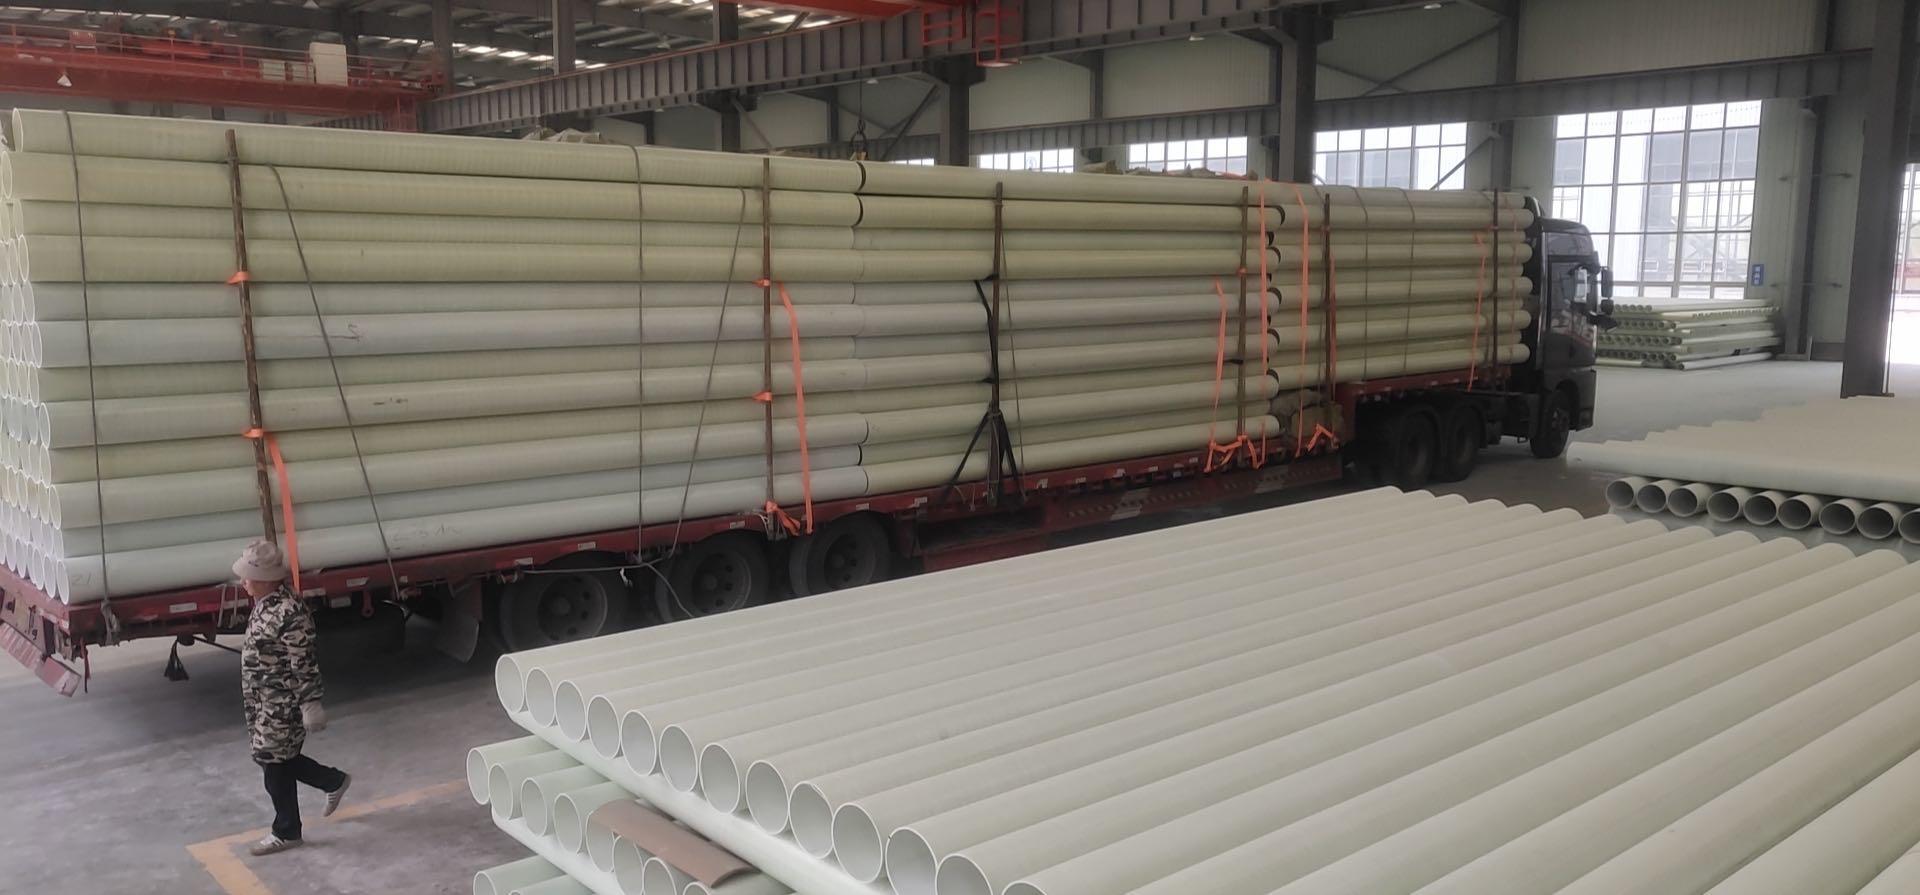 嘉兴山东HDPE七孔梅花管生产厂家//欢迎来场参观